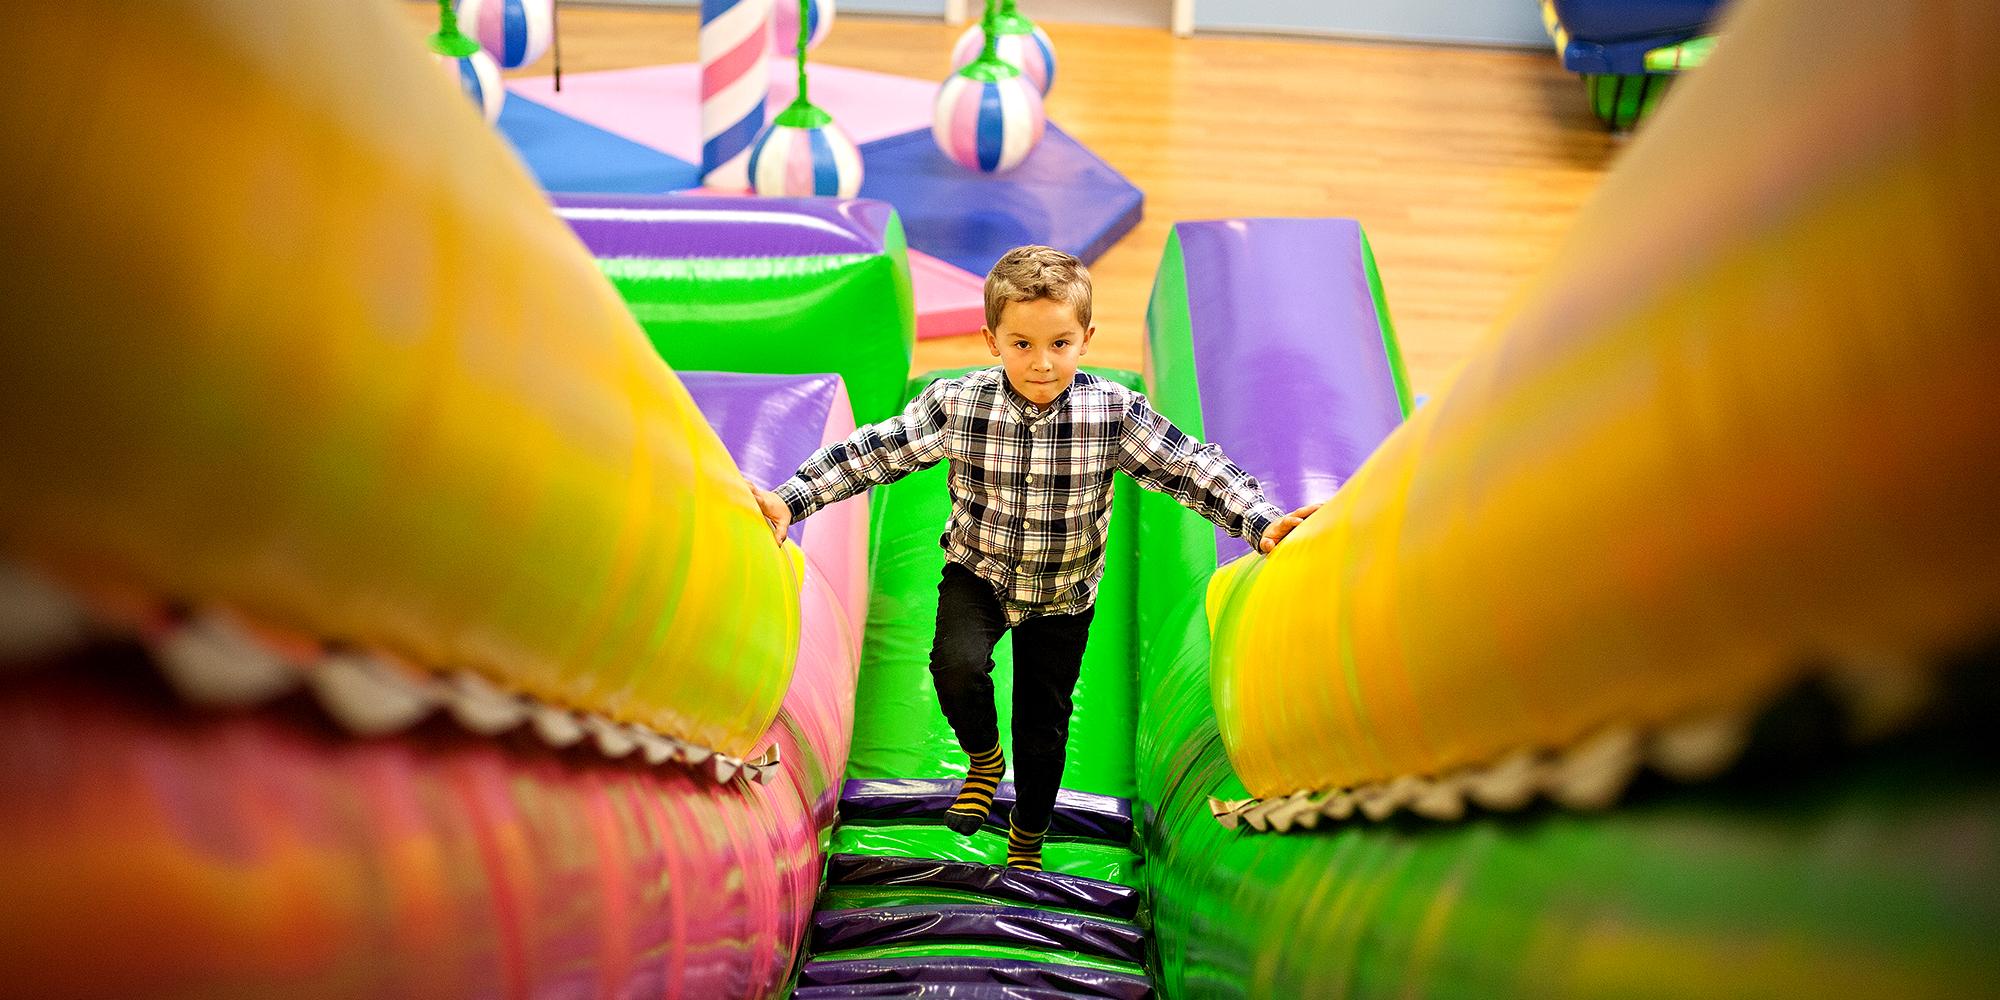 Lykkeland, a play centre in Steinkjer - boy ascending to the slide. Copyright: Lykkeland